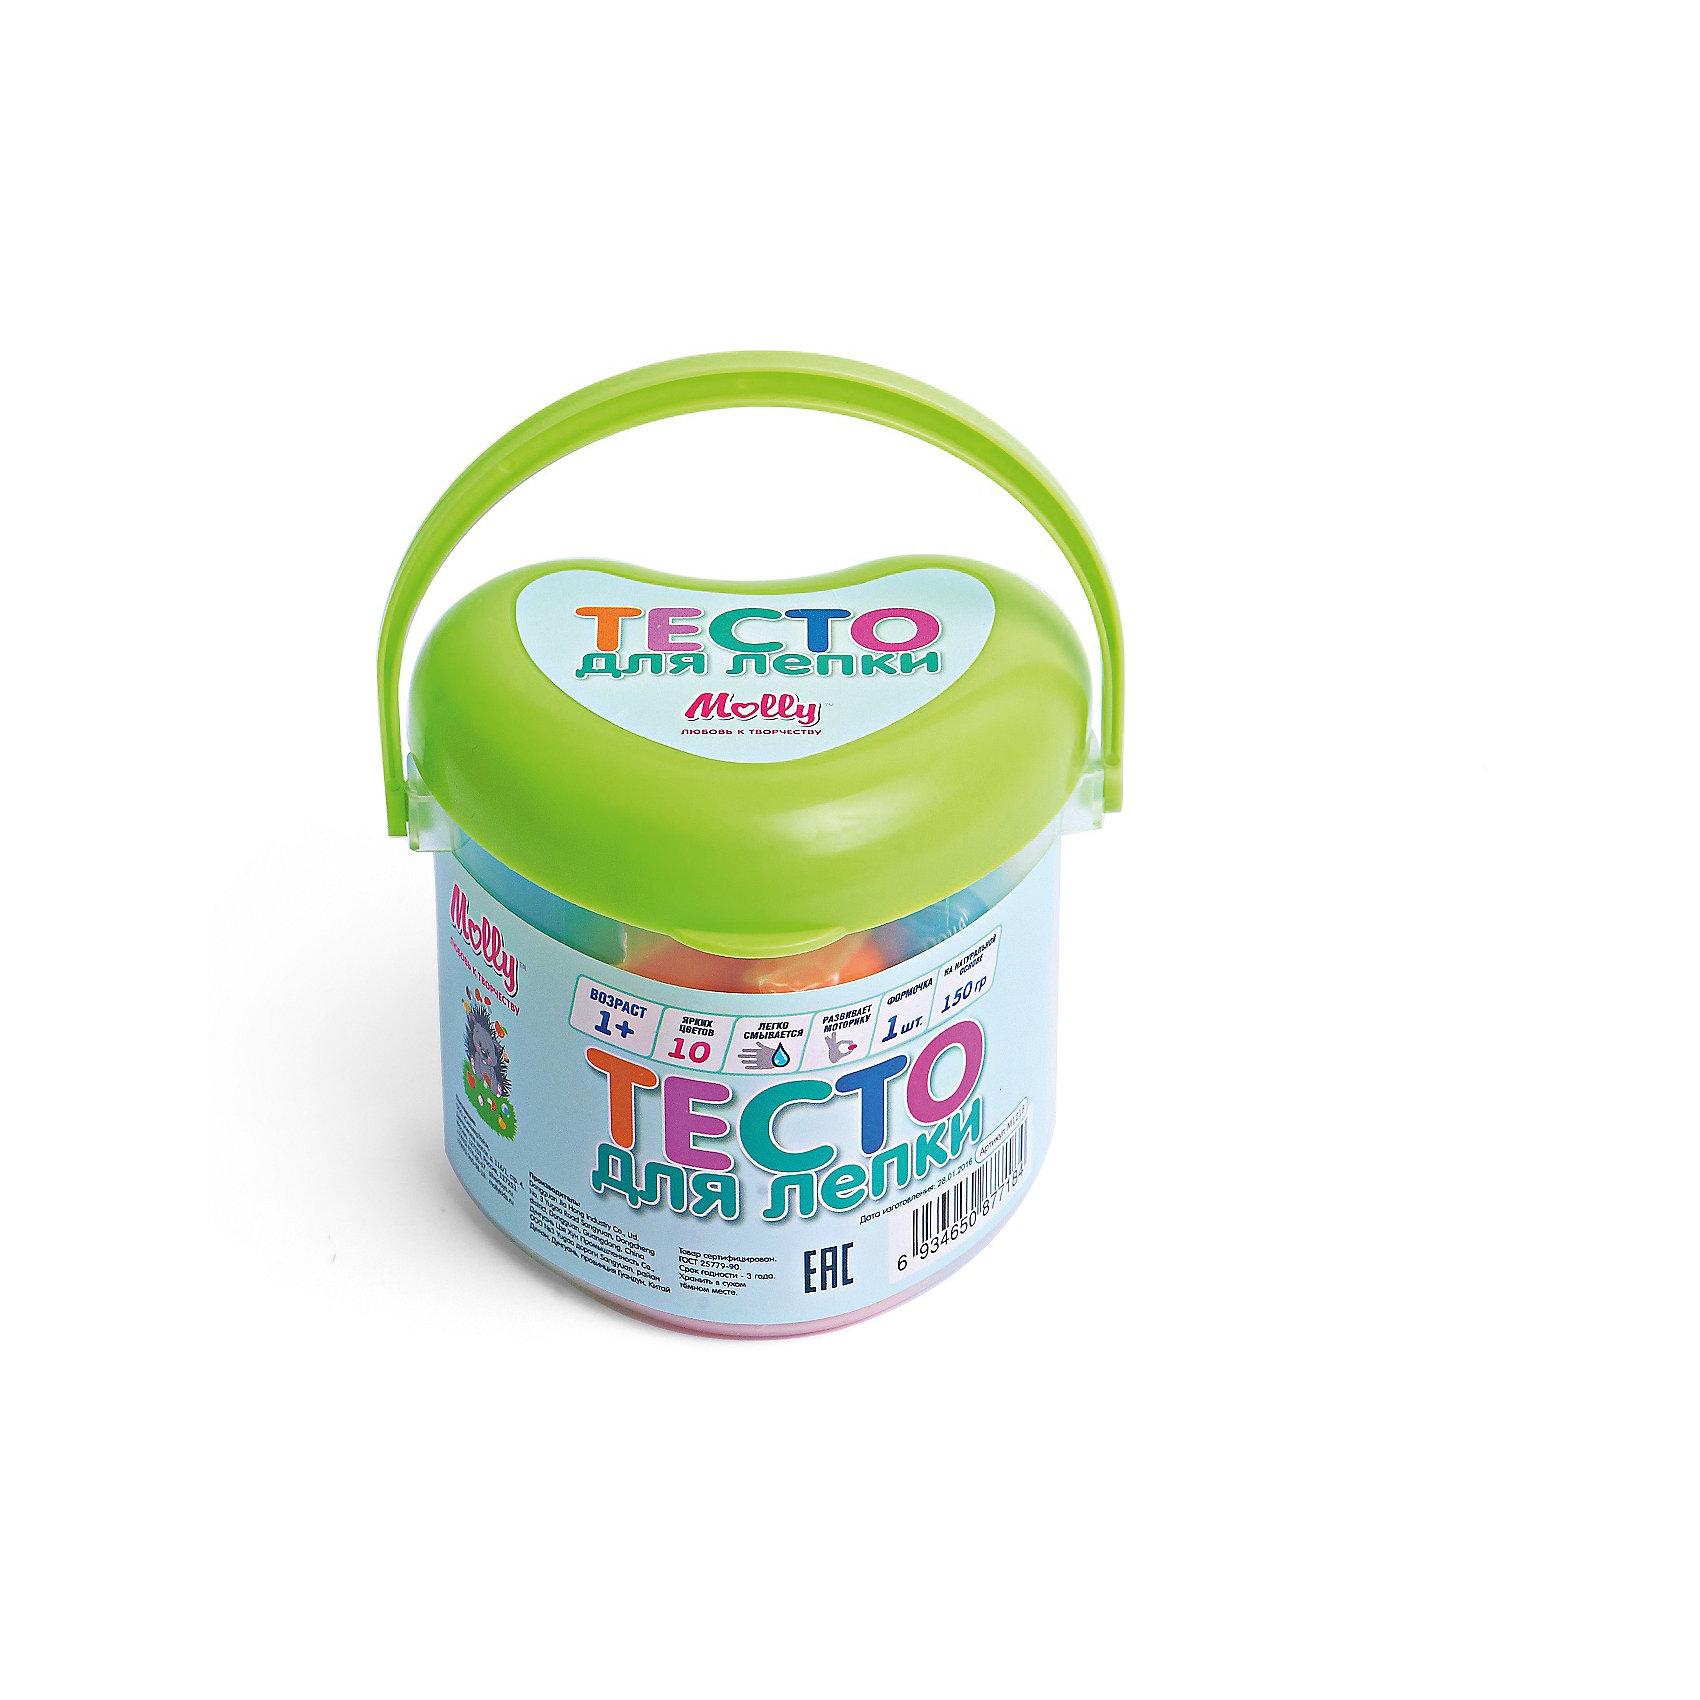 Тесто для лепки 10 цветов + формочкаЛепка<br>Тесто для лепки 10 цветов + формочка. <br><br>Характеристика: <br><br>• Состав: пшеничная мука крахмал, вода, соль, пищевая добавка, пищевая краситель.<br>• Размер упаковки: 8х8х6 см.  <br>• Комплектация: тесто (10 цветов), формочка (1 шт). <br>• Яркие, насыщенные цвета. <br>• 10 цветов (по 15 гр.) - синий, голубой, оранжевый, желтый, красный, розовый, белый, сиреневый, темно зеленый, светло-зеленый.<br>• Легко смывается с одежды и рук. <br>• Безопасно при проглатывании. <br>• Отлично развивает моторику рук, внимание, мышление и воображение. <br>• Удобная упаковка в виде ведерка с ручкой для переноски. <br><br>Мягкое тесто для лепки - отличный подарок для малыша. Тесто изготовлено из натуральных материалов, с использованием абсолютно безопасных для детей красителей, легко смывается с одежды и рук. Лепка - прекрасный вид детского досуга, помогающий развить мелкую моторику, цветовосприятие, воображение и мышление.<br><br>Тесто для лепки 10 цветов + формочку можно купить в нашем интернет-магазине.<br><br>Ширина мм: 80<br>Глубина мм: 80<br>Высота мм: 60<br>Вес г: 150<br>Возраст от месяцев: 12<br>Возраст до месяцев: 36<br>Пол: Унисекс<br>Возраст: Детский<br>SKU: 5417572